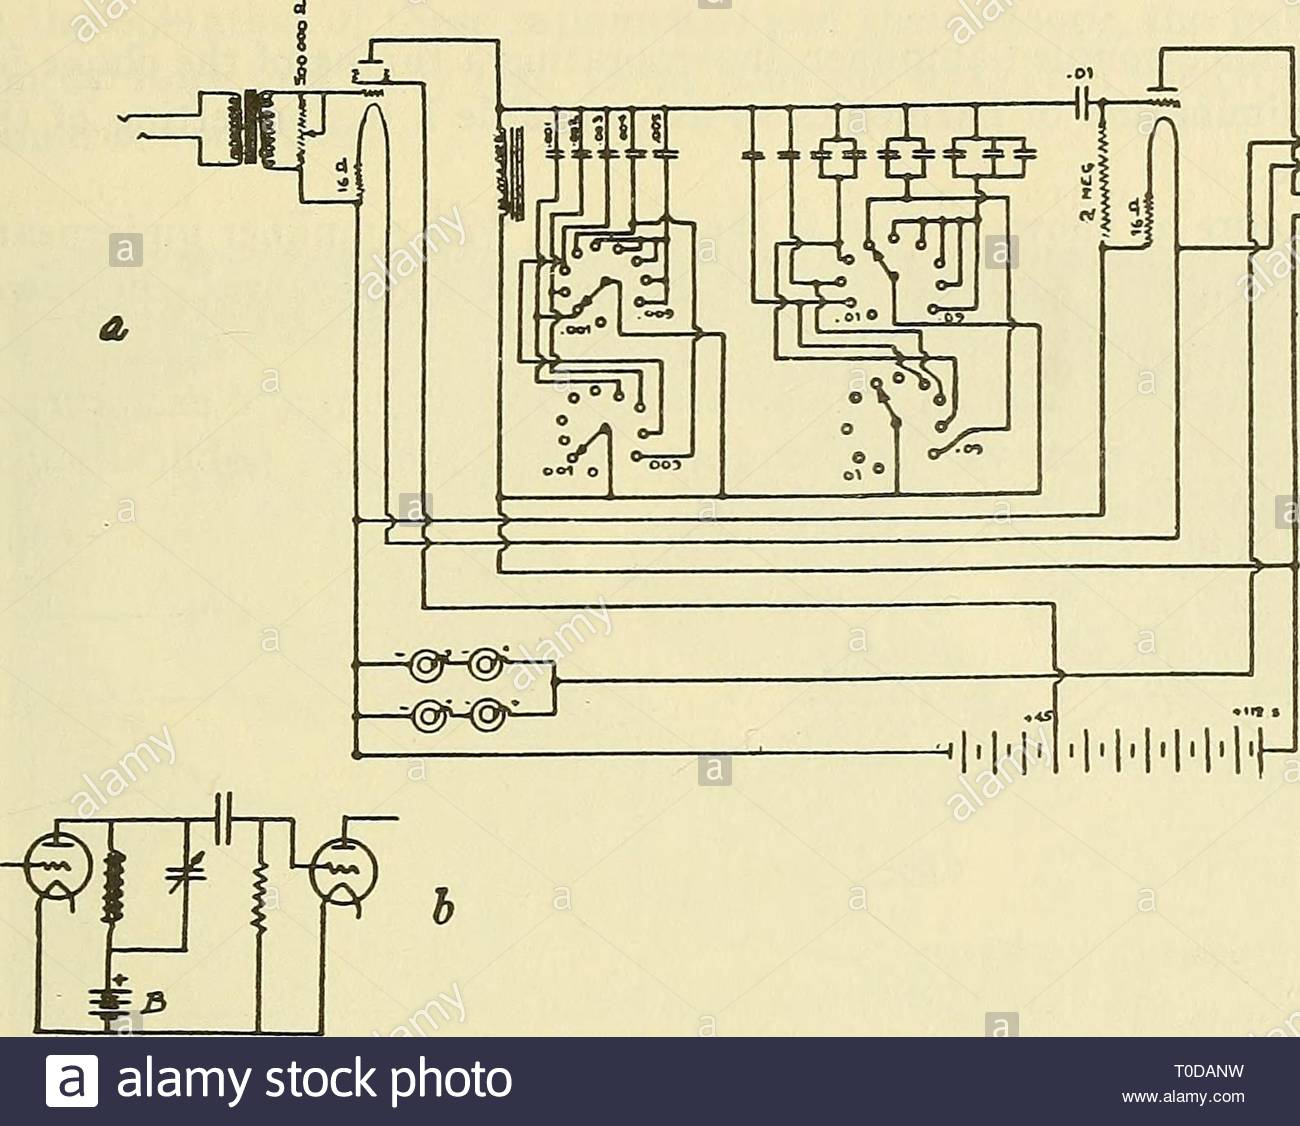 Em 203 Wiring Diagram Wiring Diagram Pass